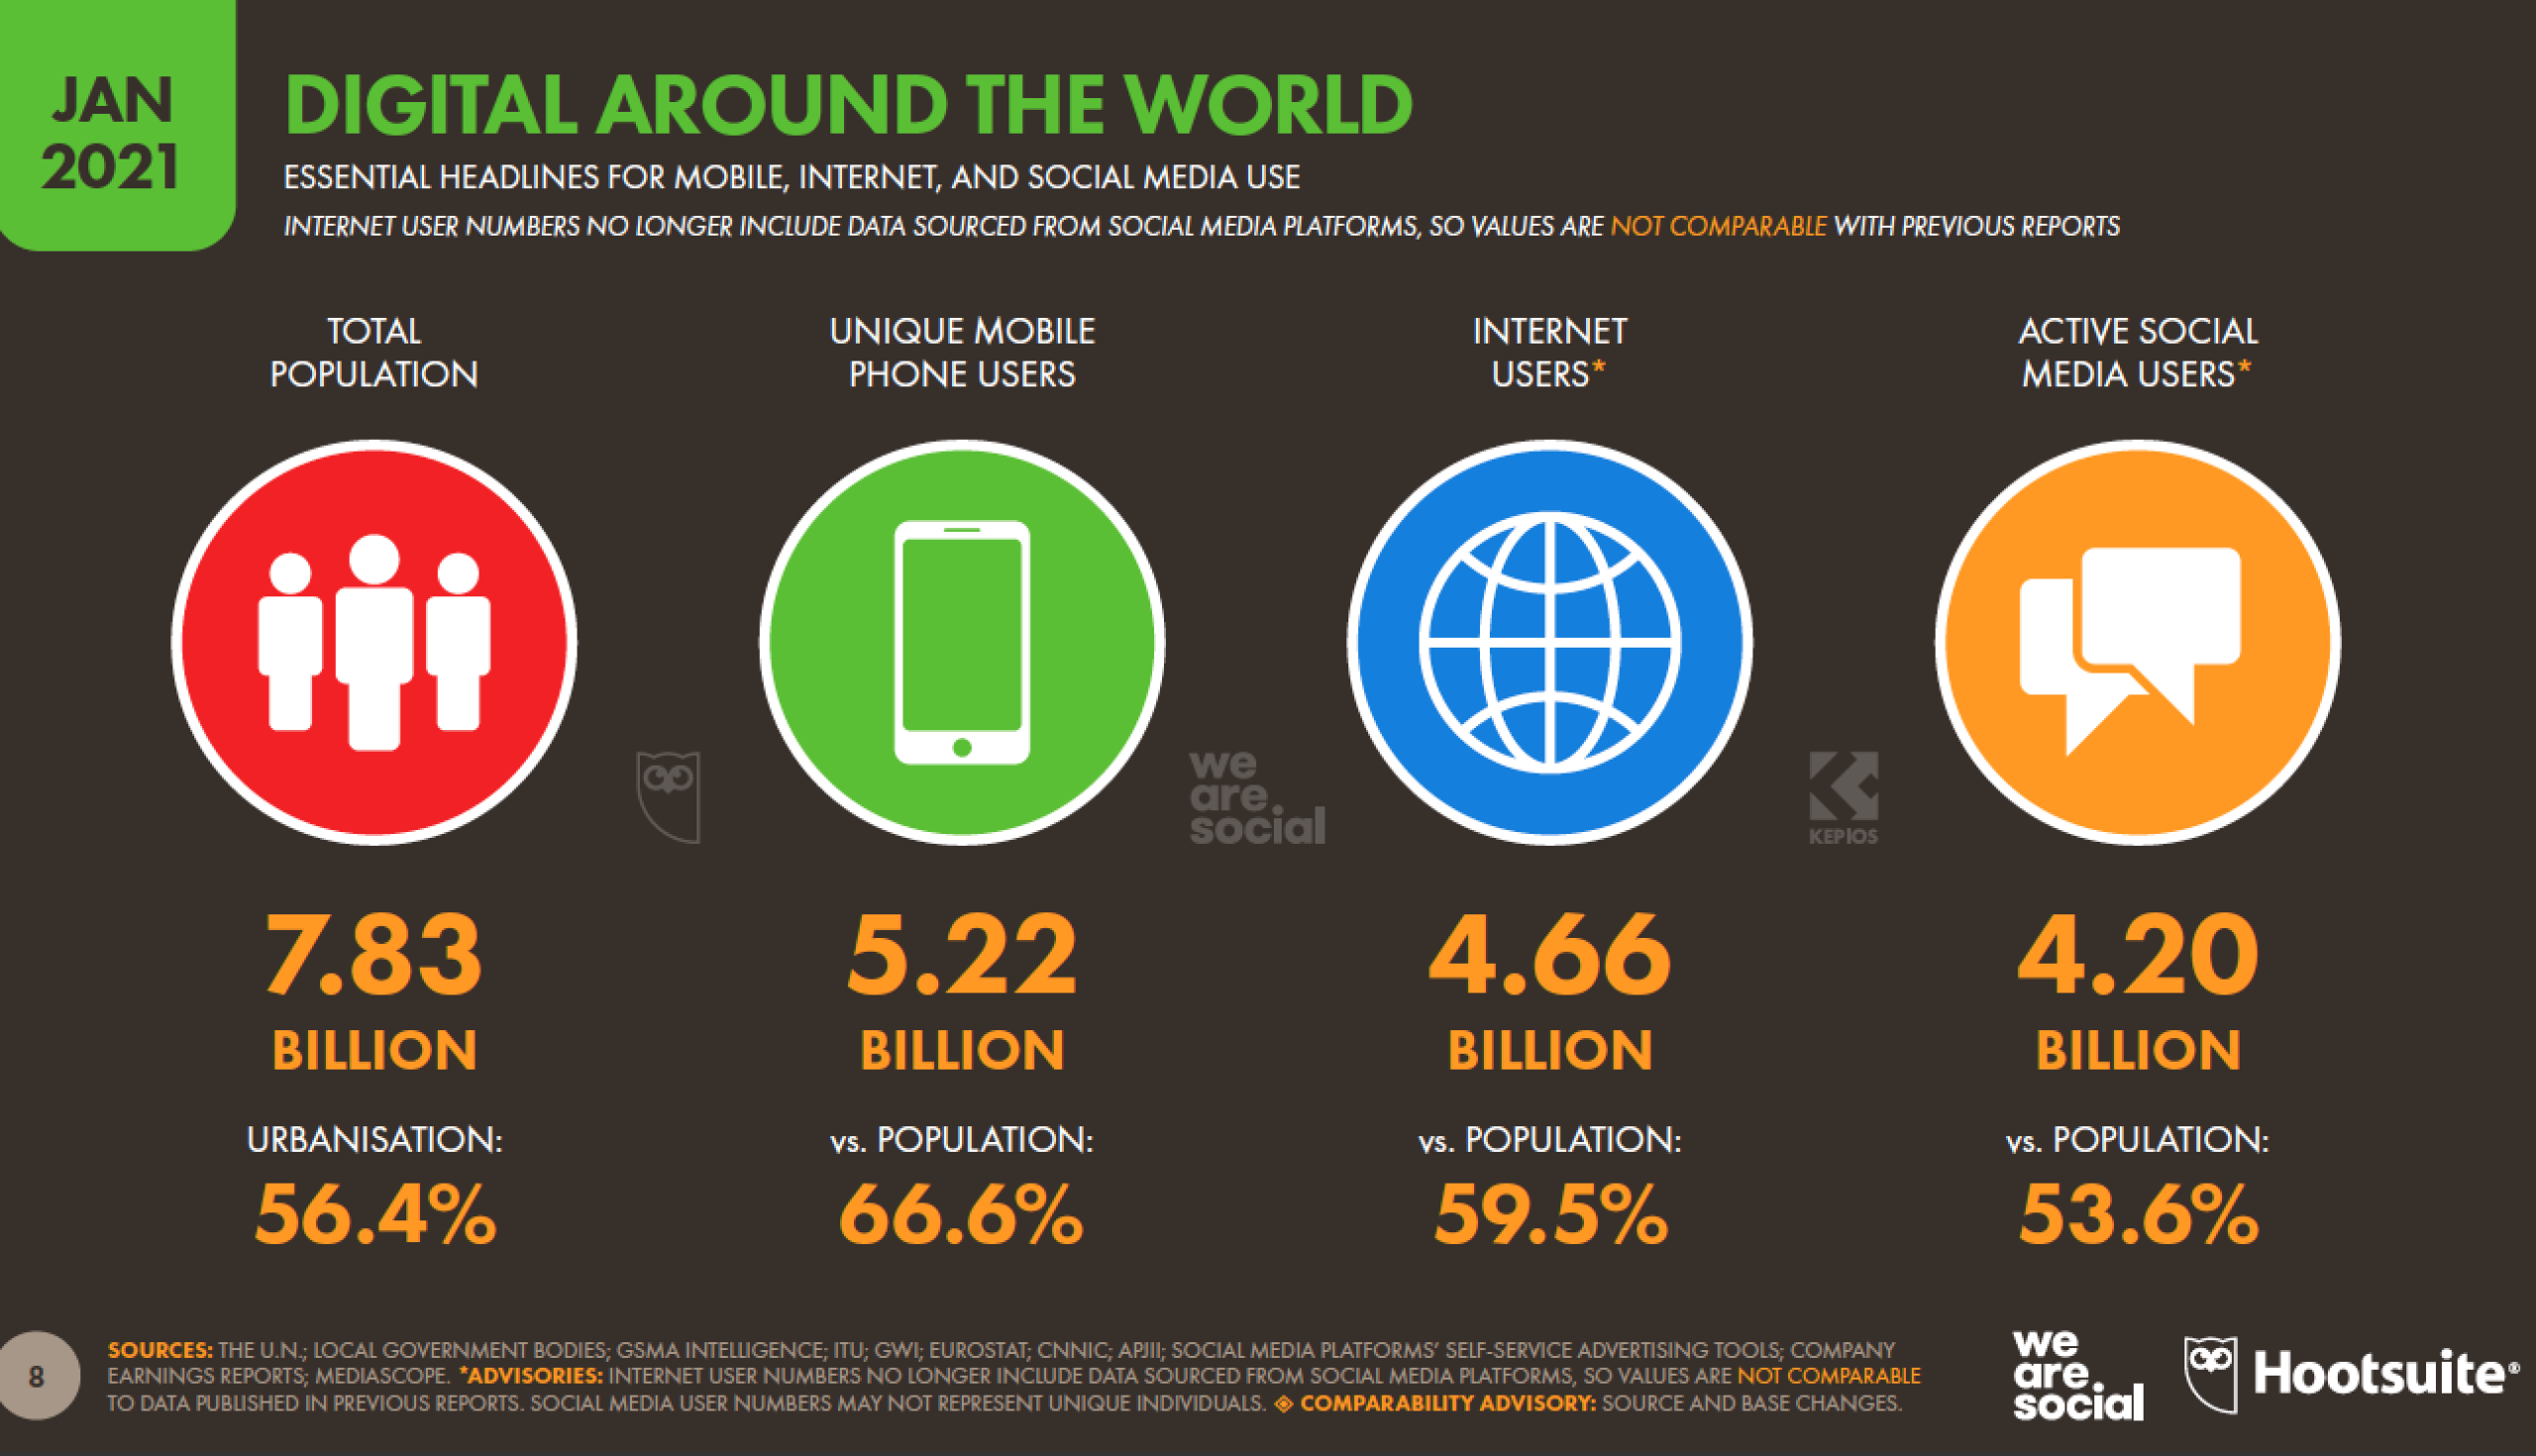 использование мобильных устройств, Интернета и социальных сетей во всем мире